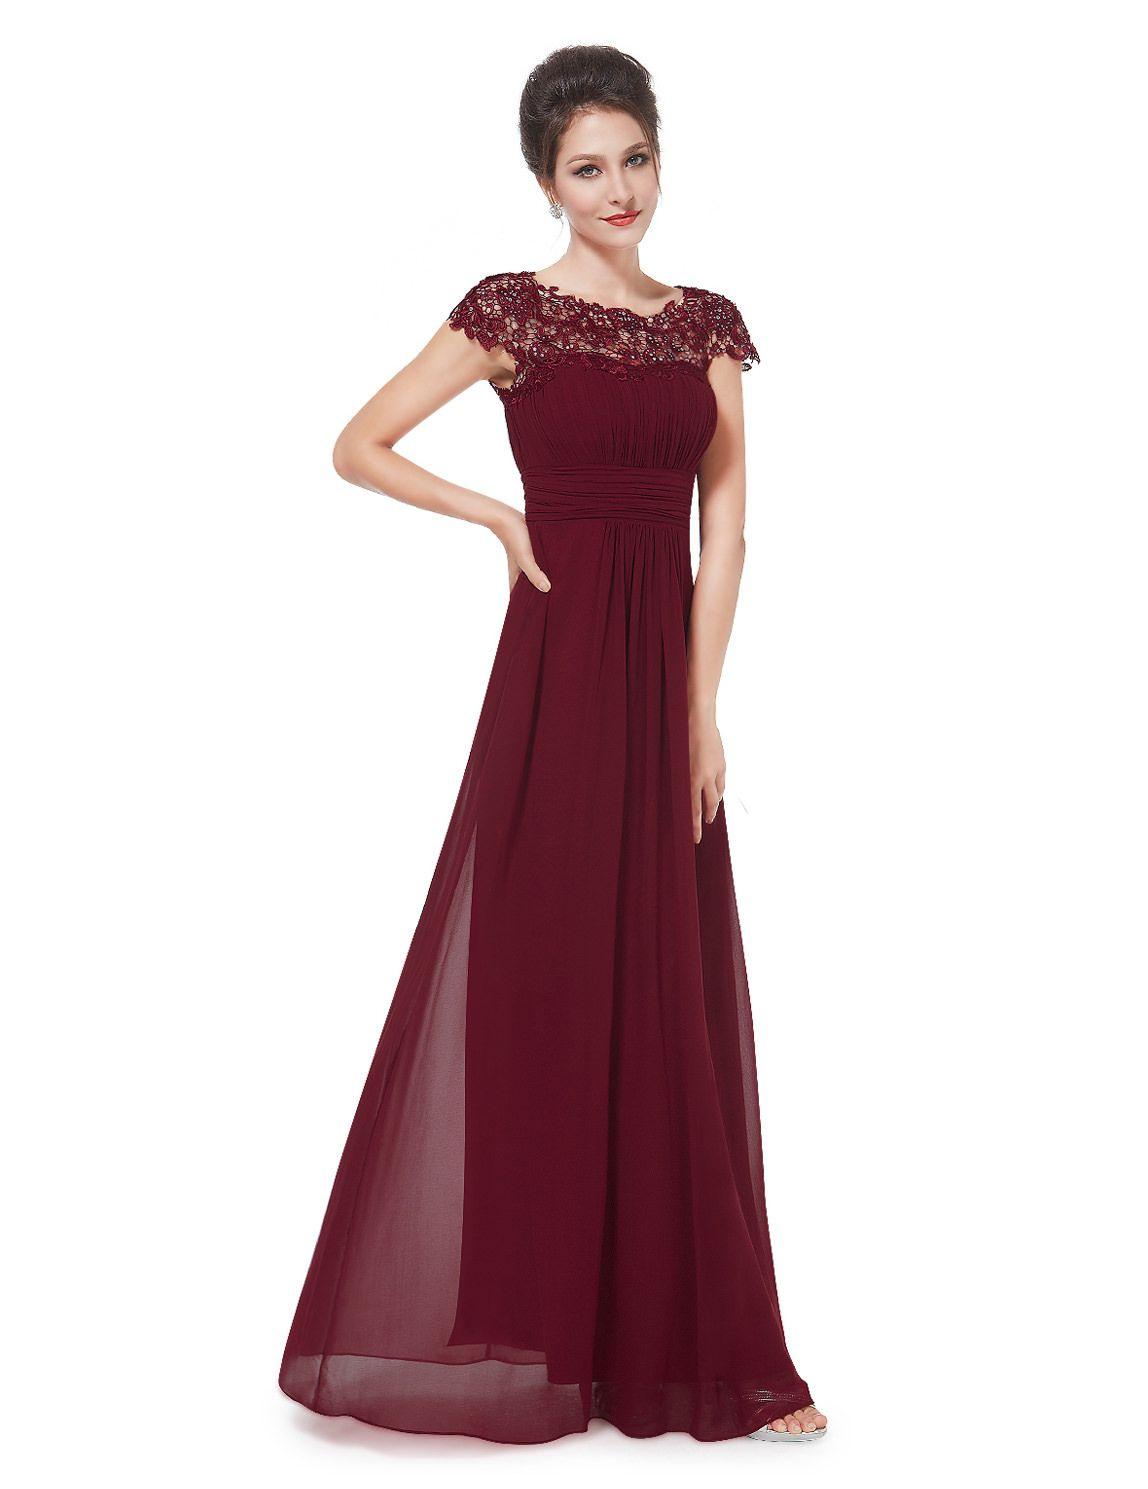 Pin Von J Chrisp Auf Outfits | Abendkleid, Abiball Kleider